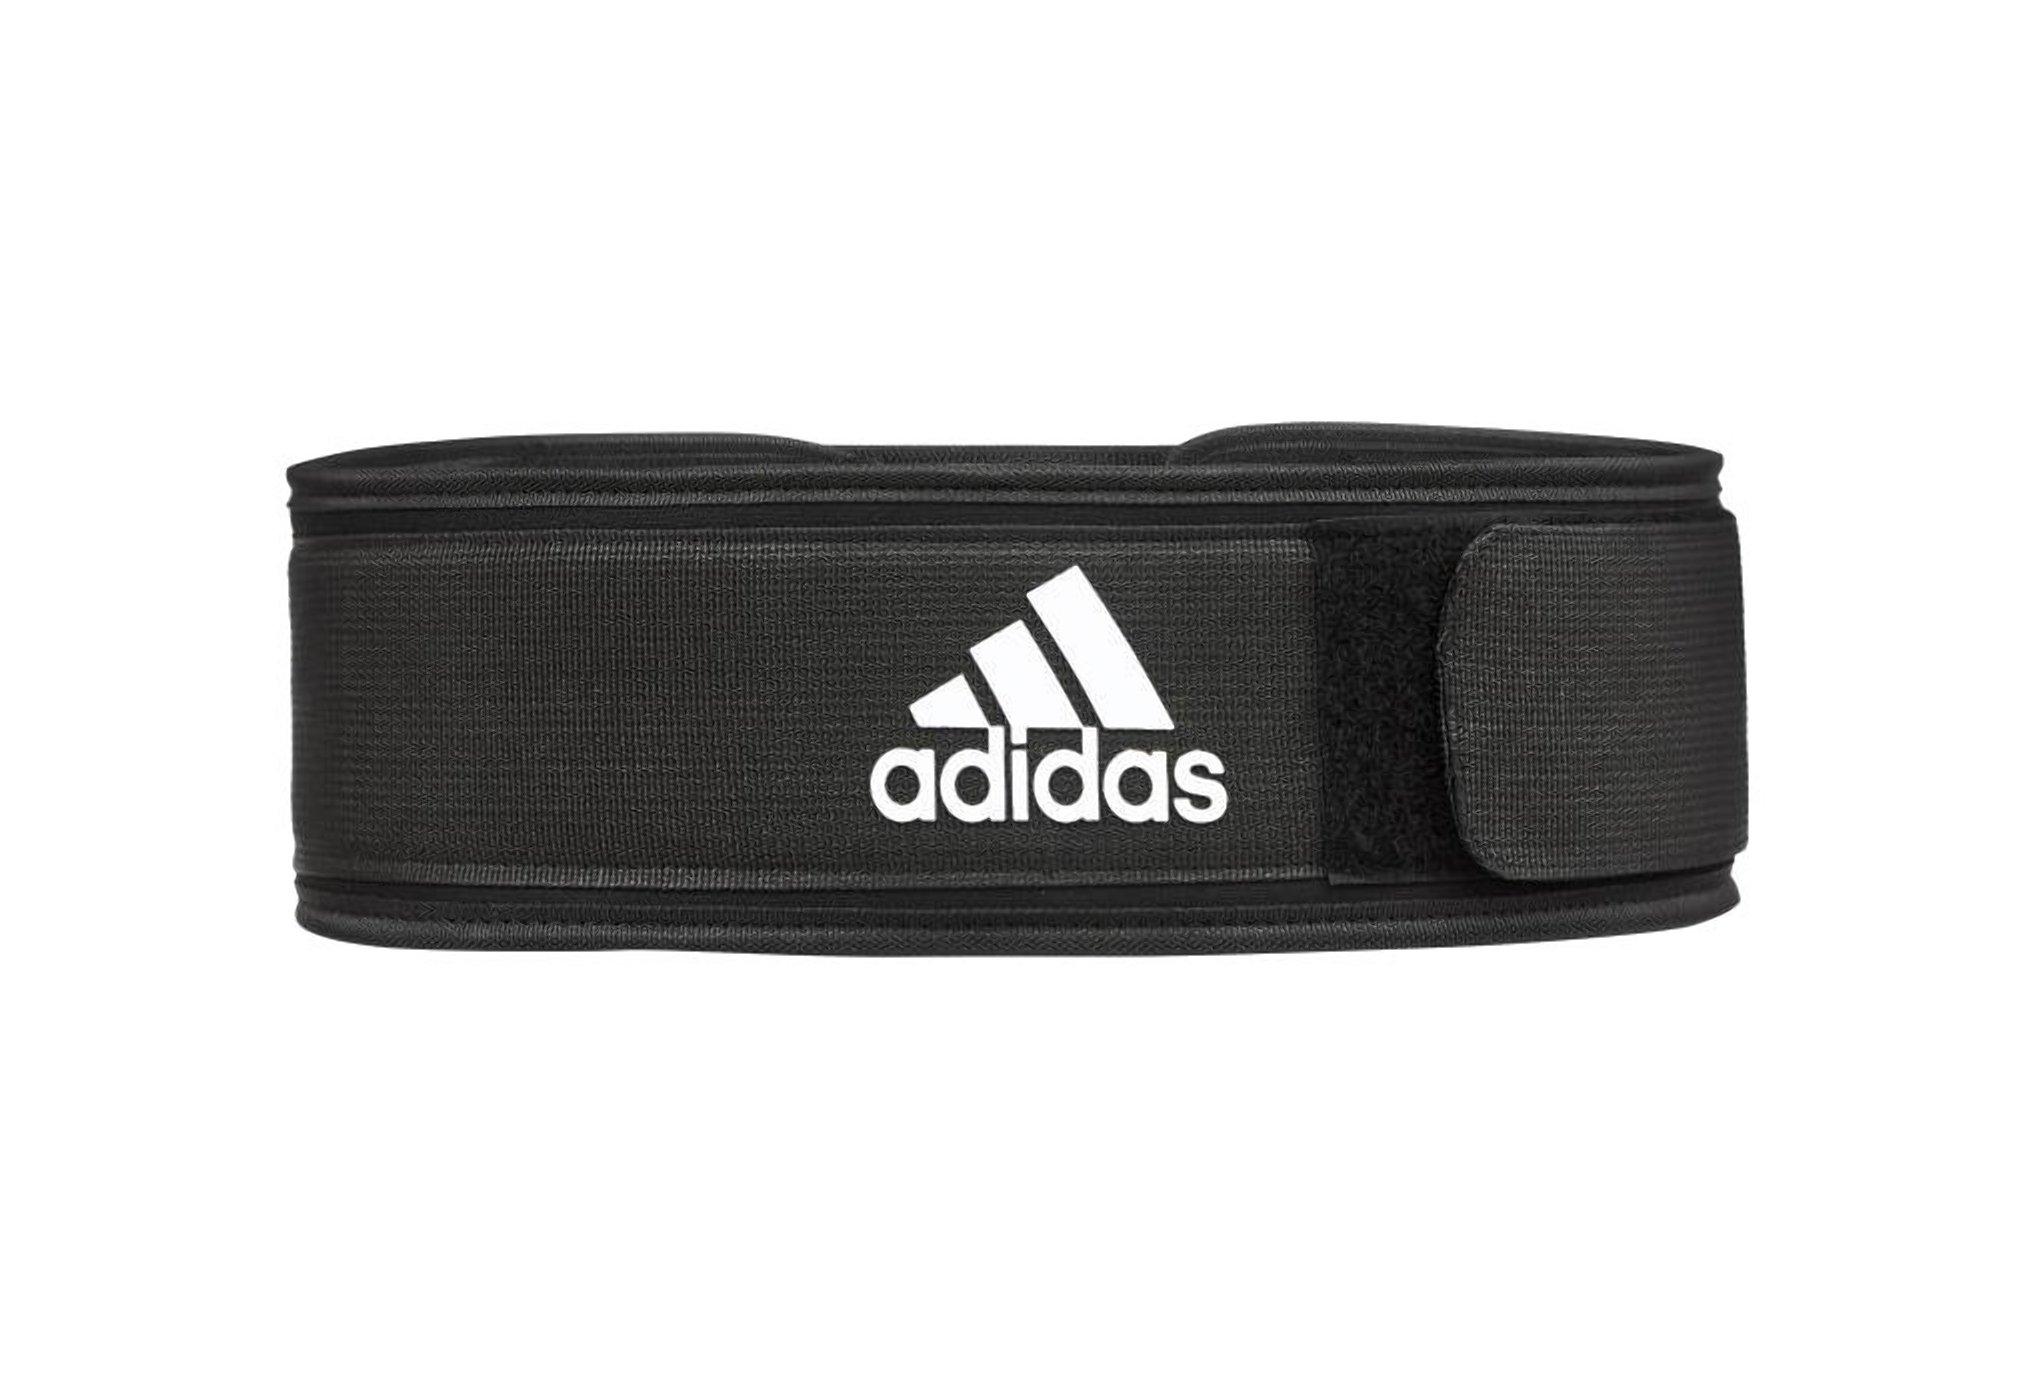 adidas Essential Weightlifting Training